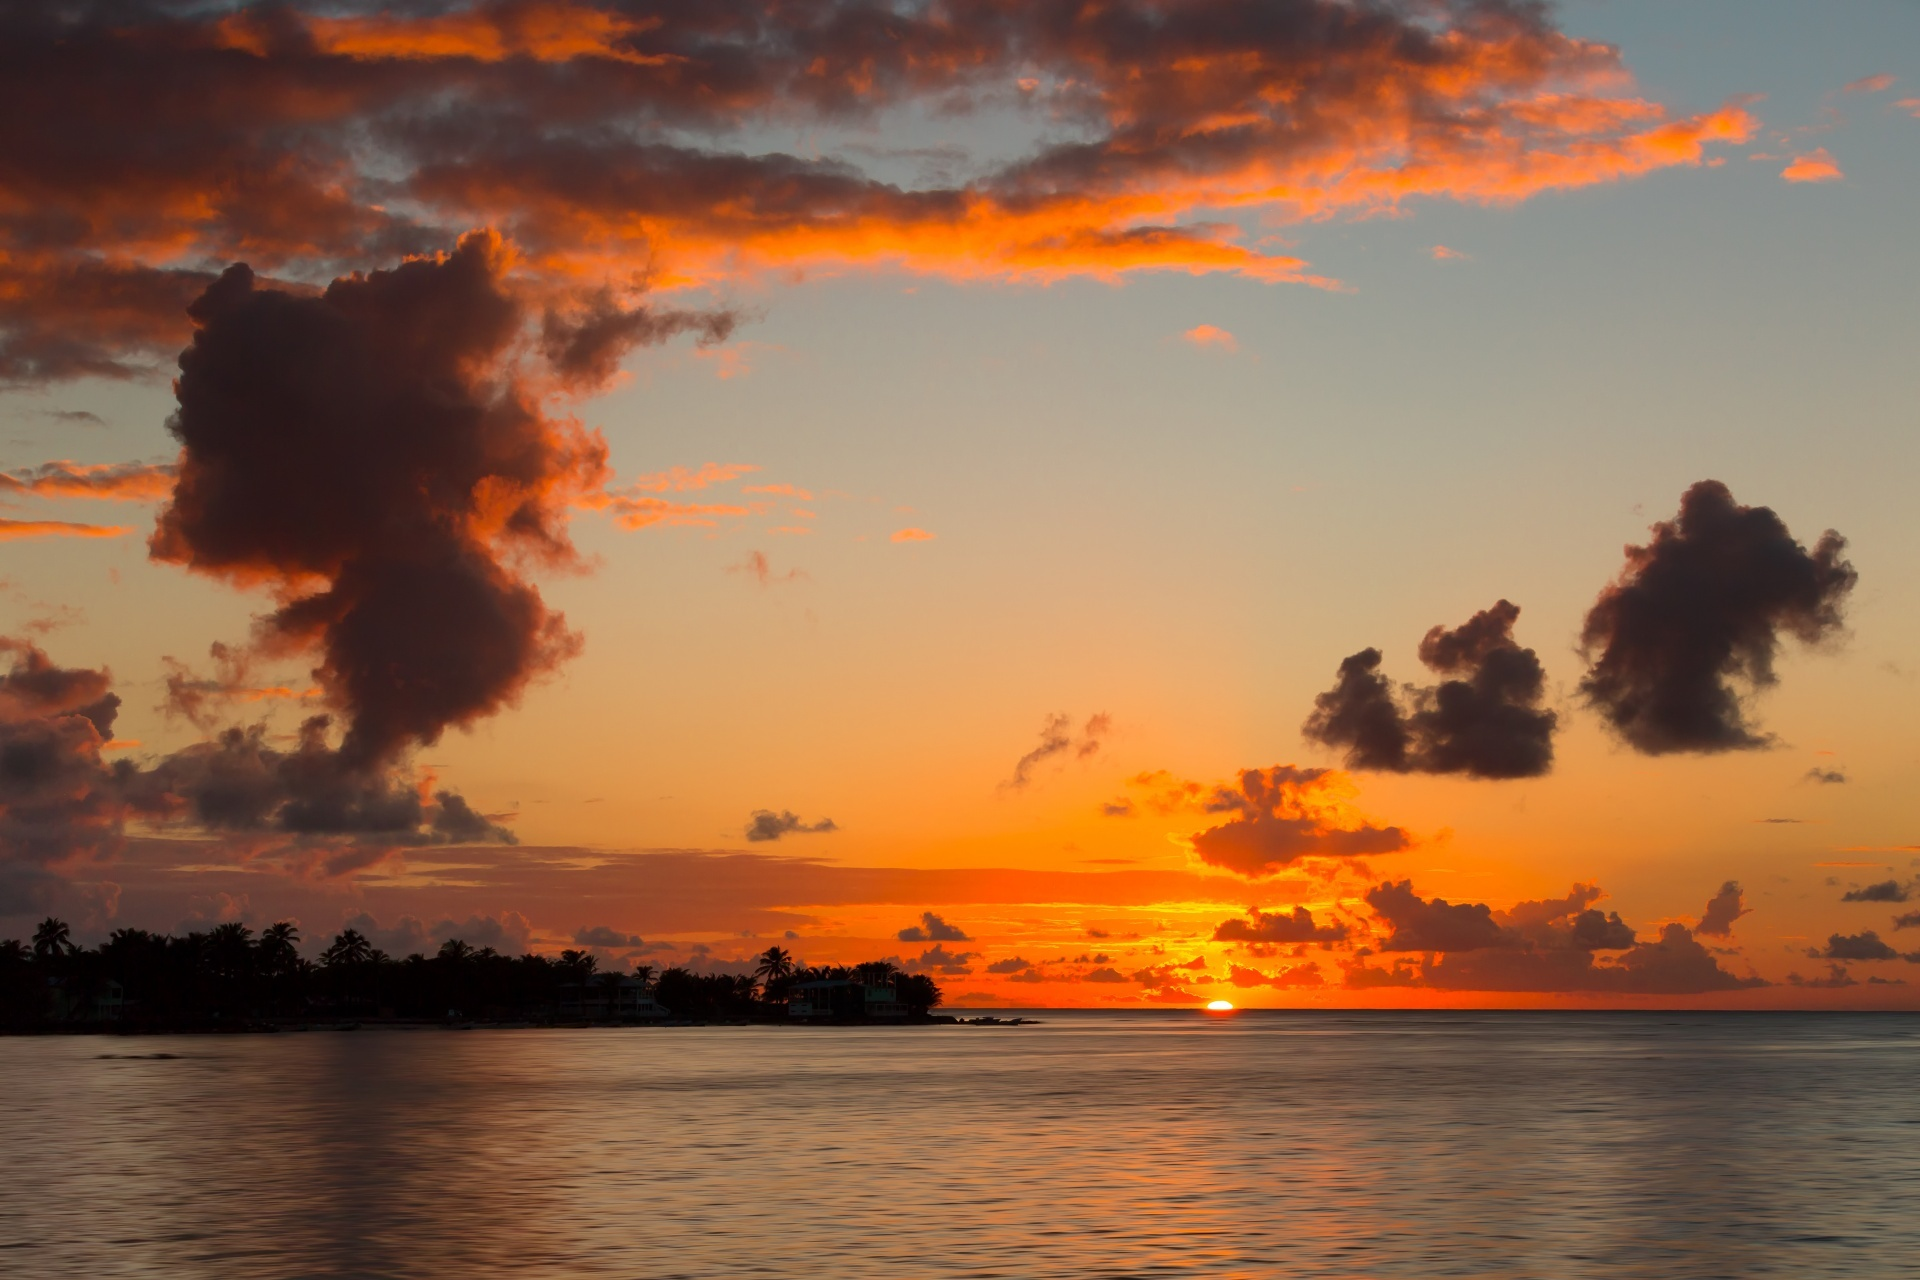 カリブ海コーン諸島 ビッグコーン島の夕日 ニカラグアの風景